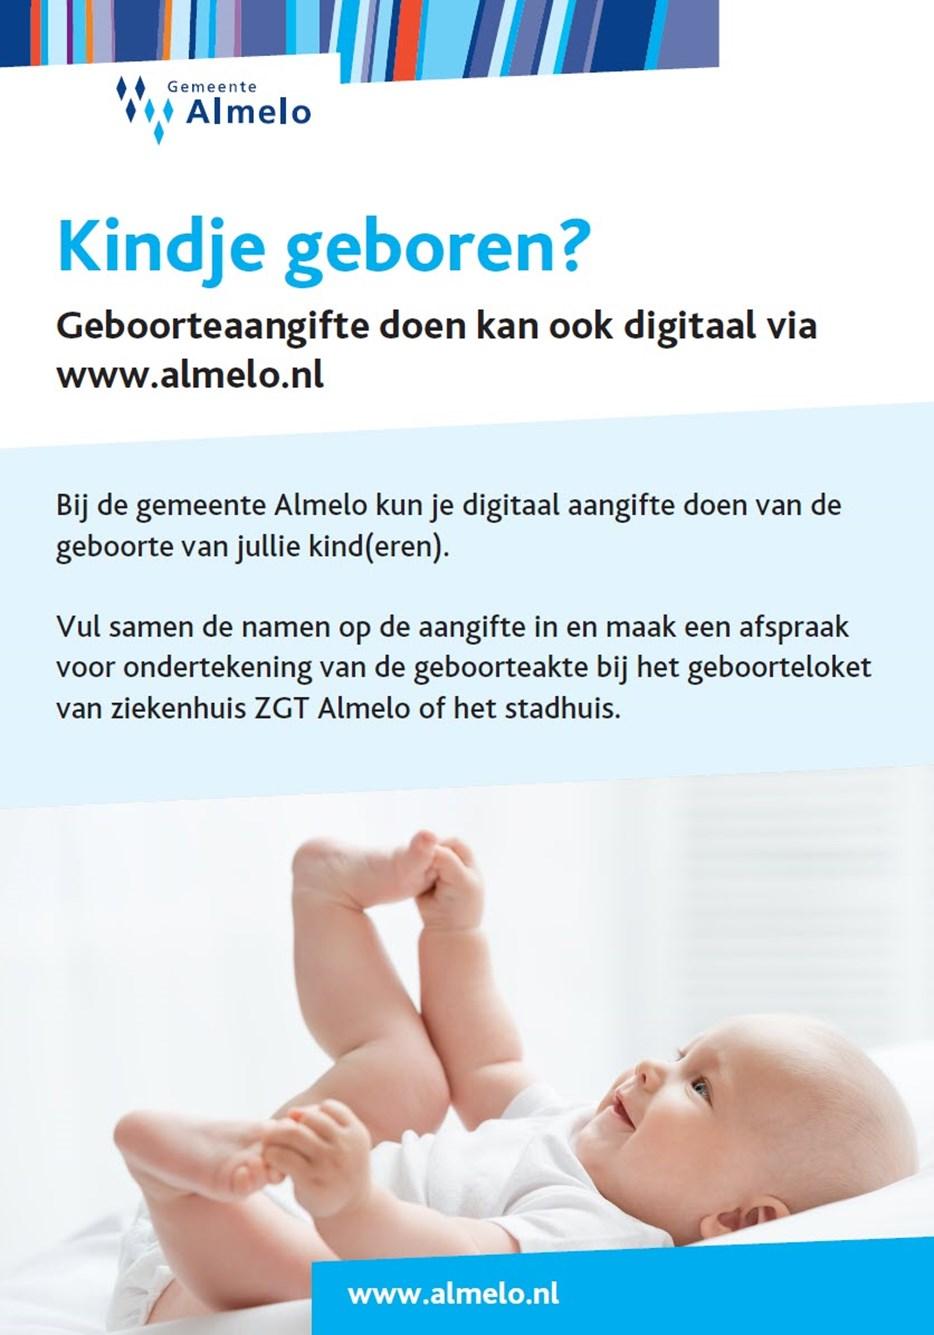 Almelo-Geboorte_affiche.jpg